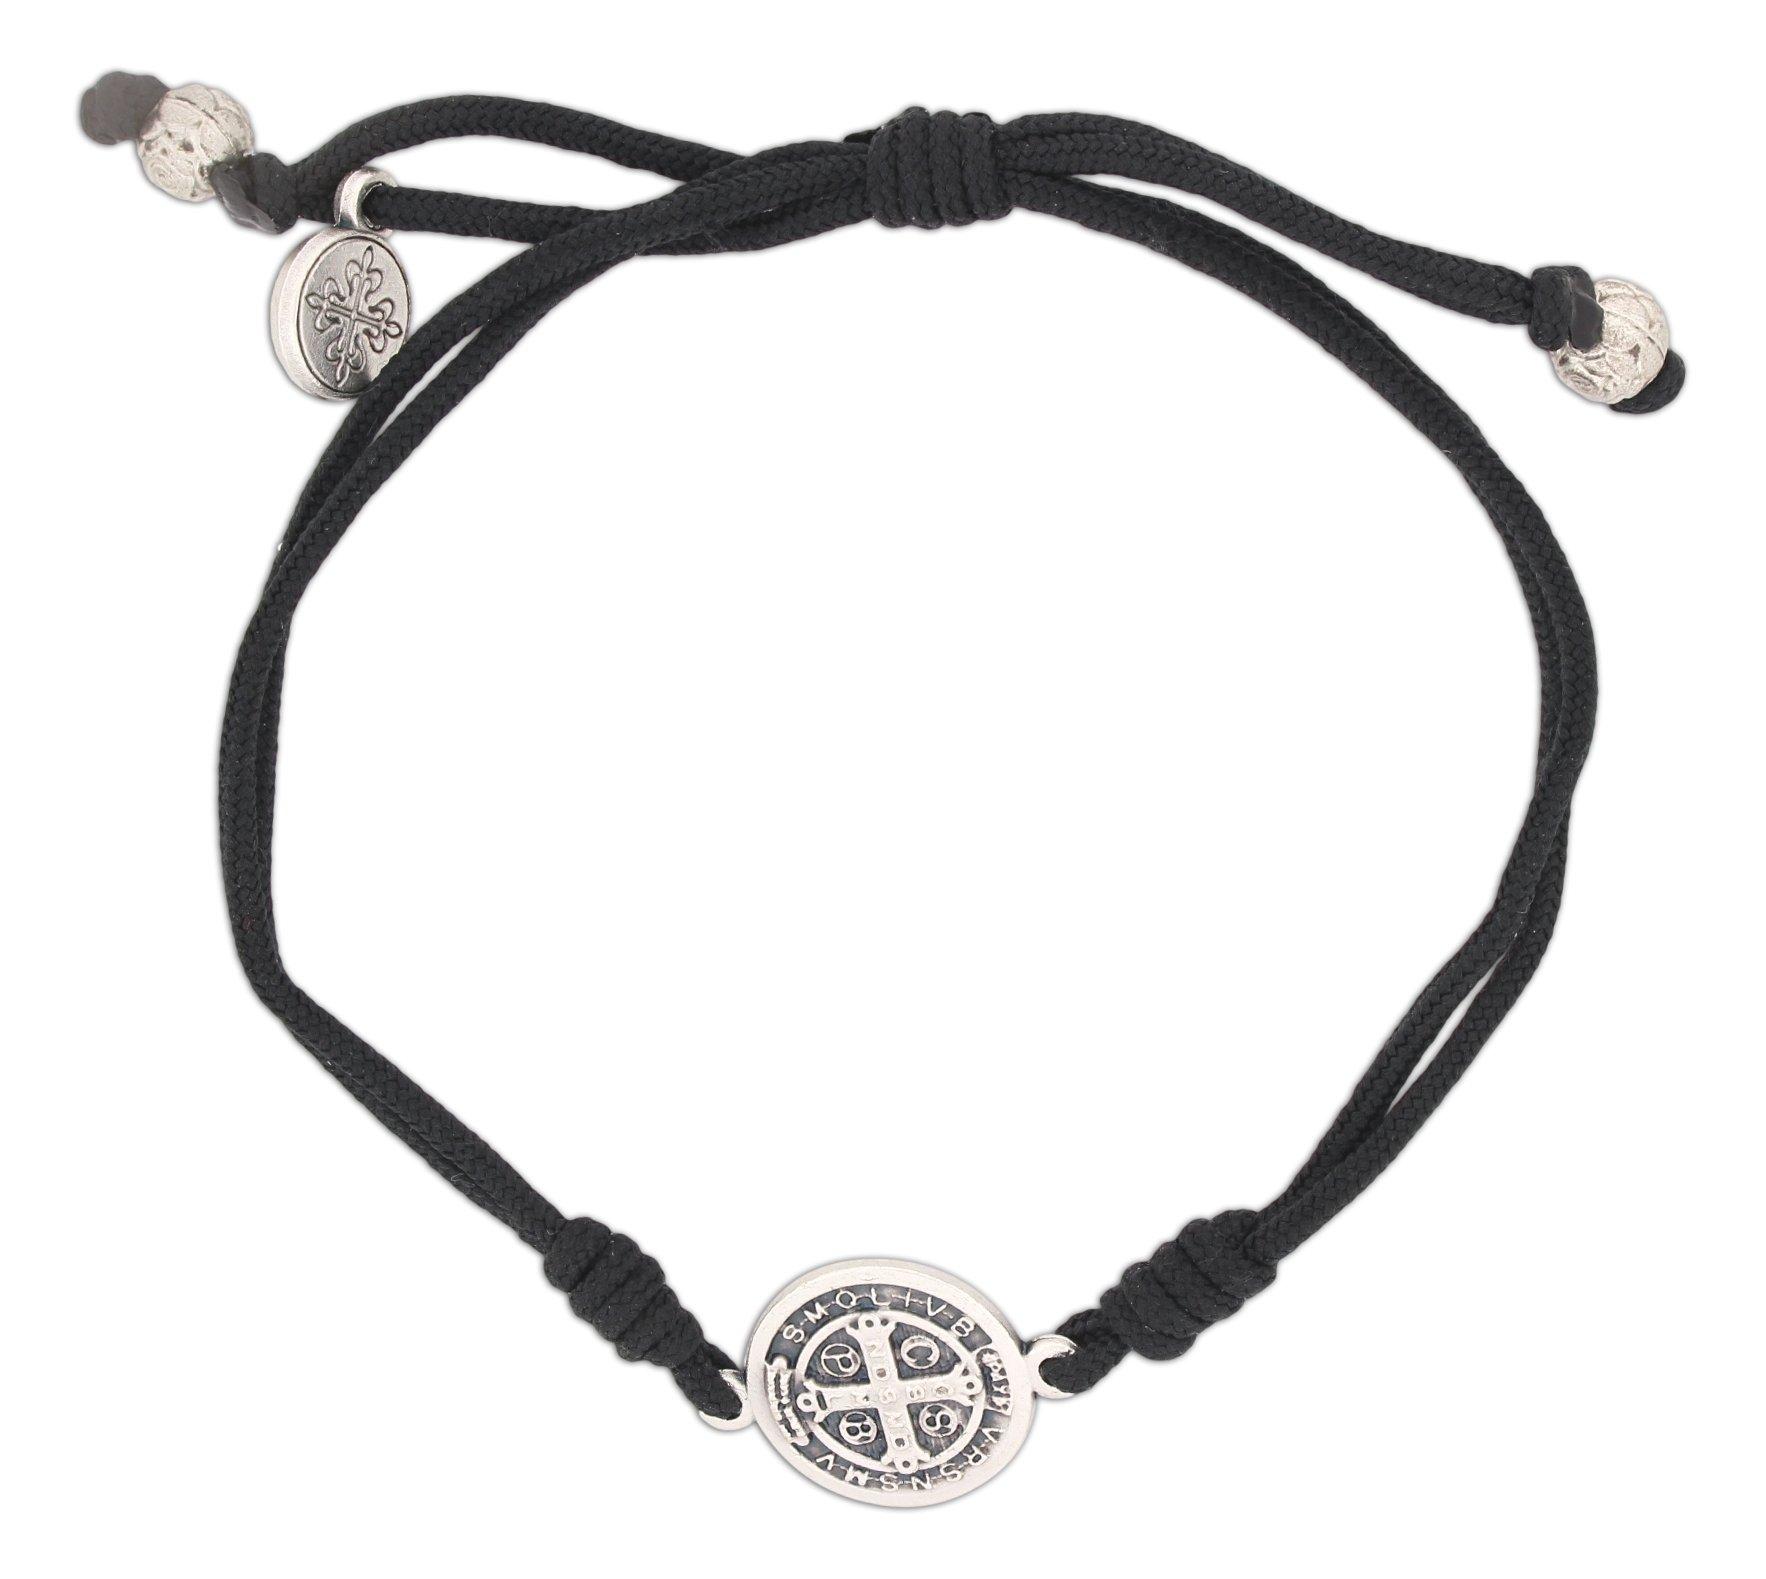 Serenity Blessing Bracelet, Adjustable (Silver Plated Medal on Black)